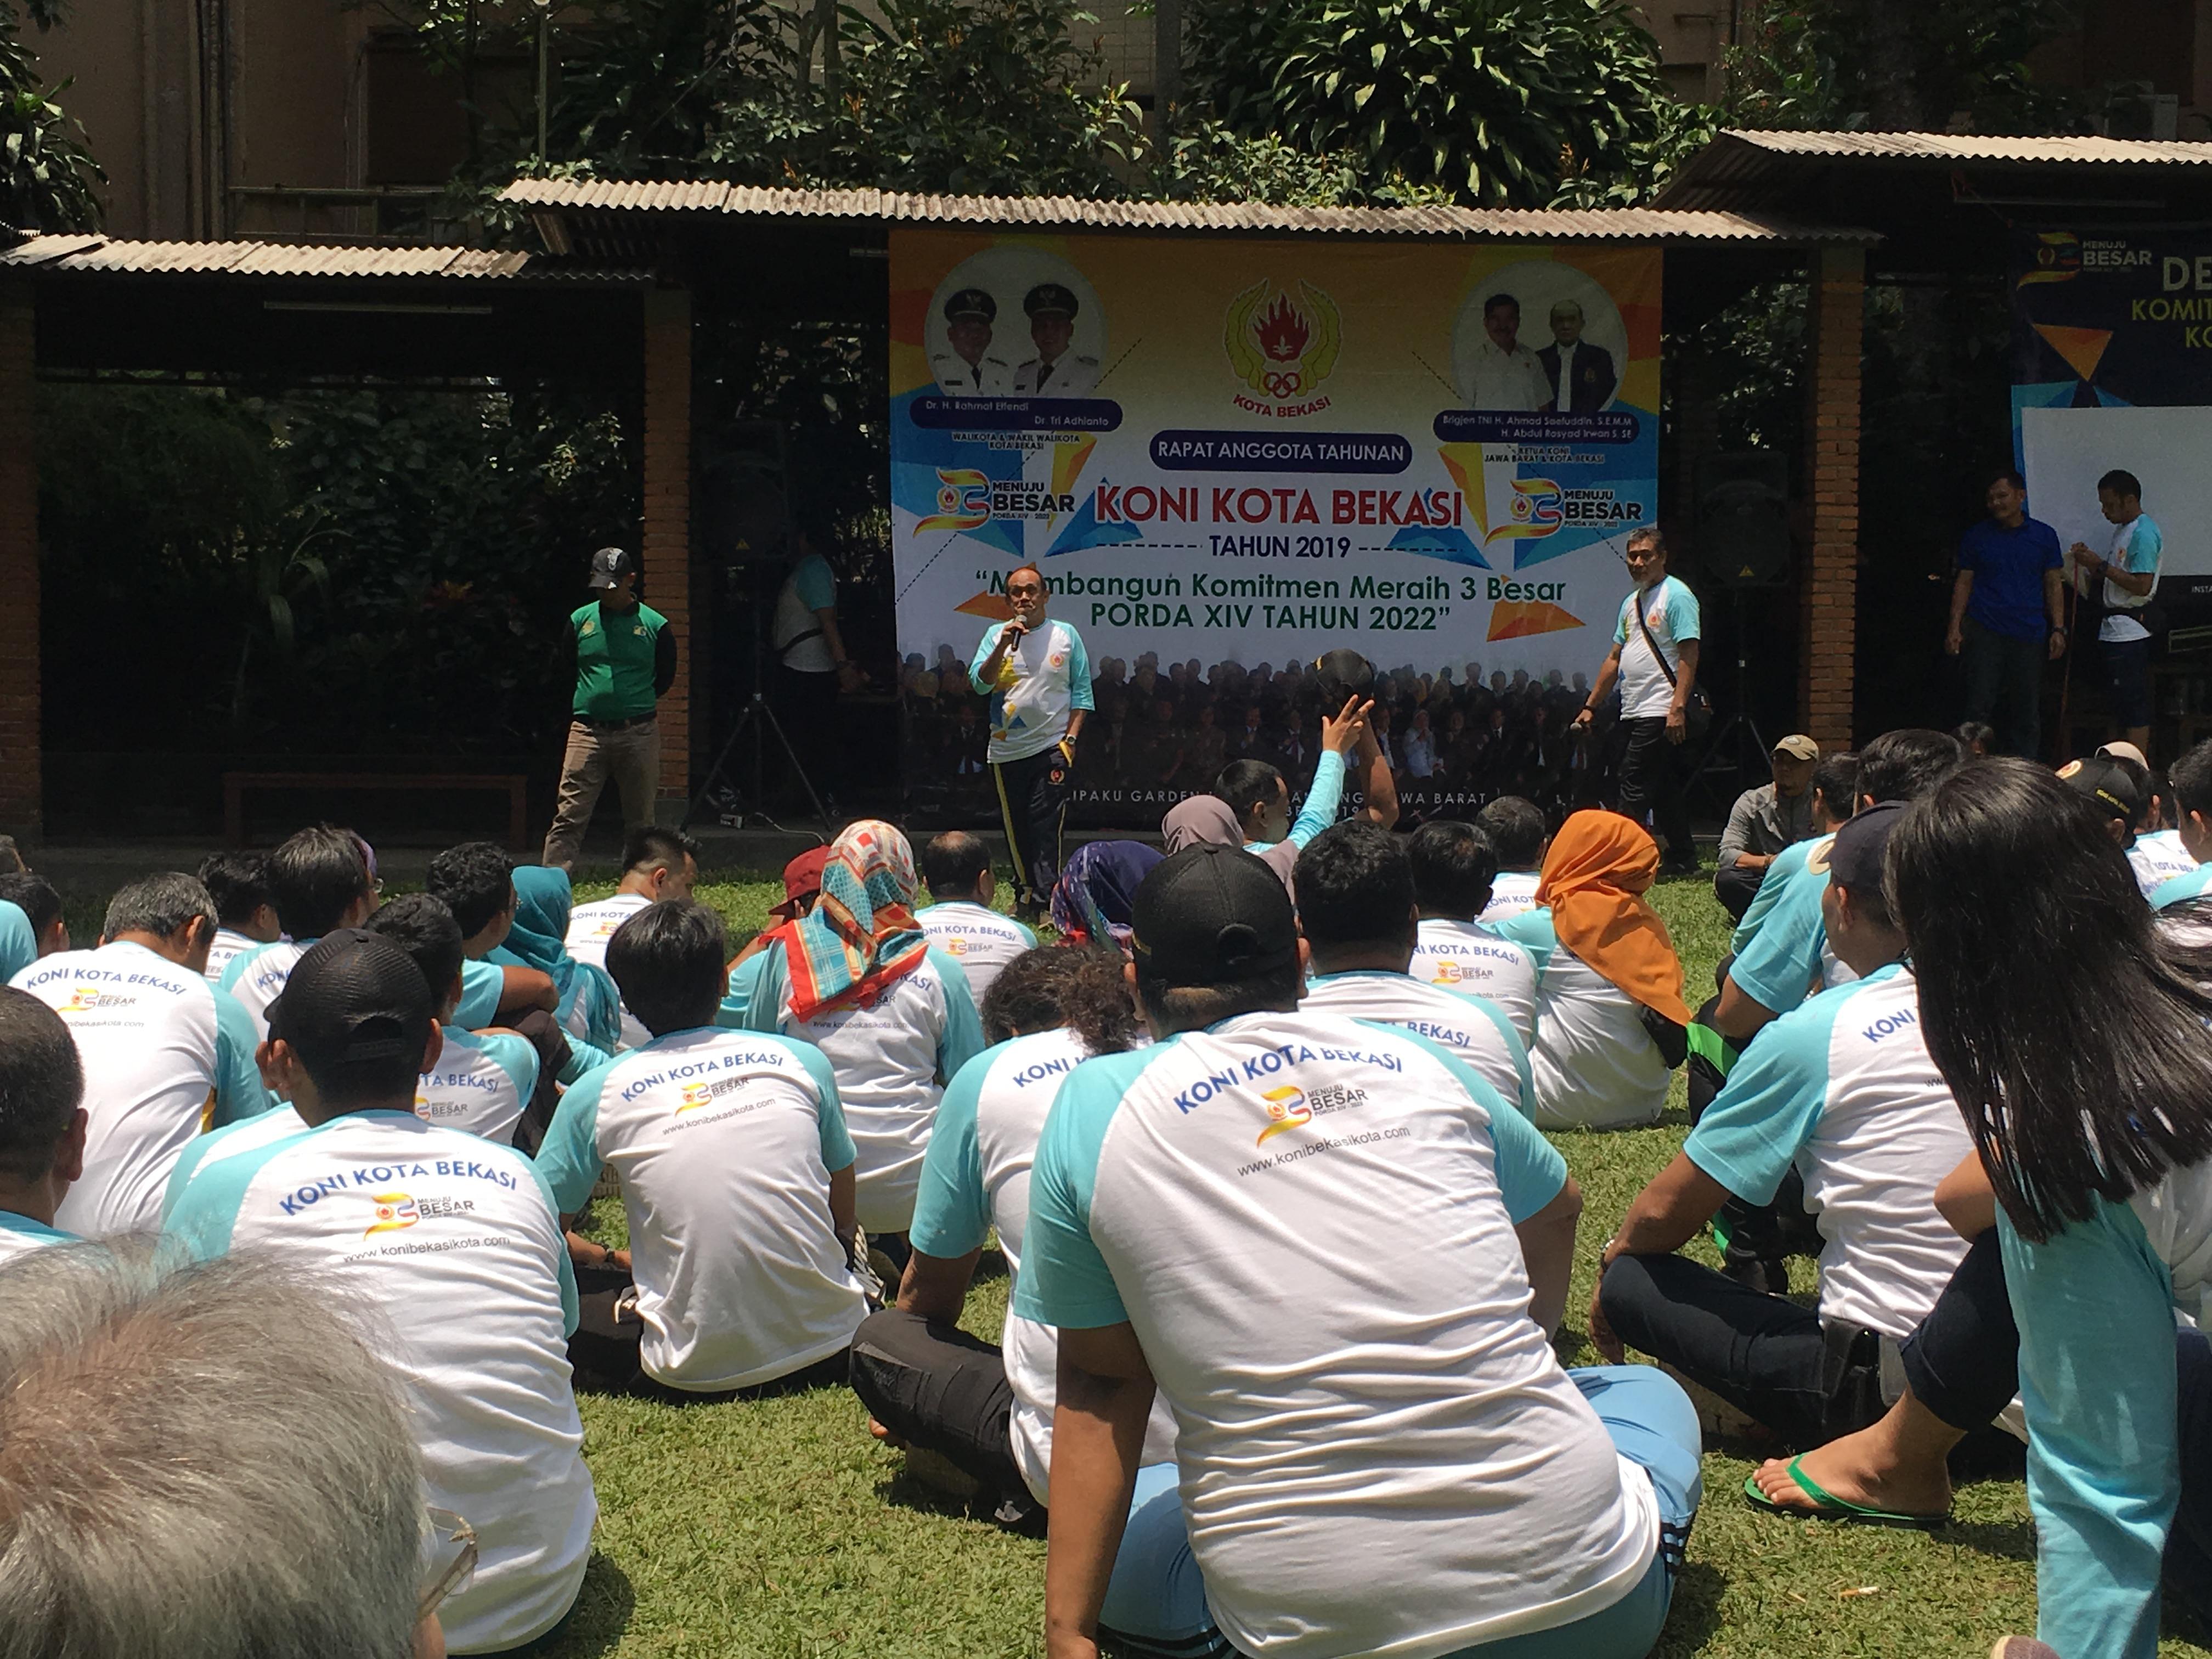 RAT KONI Kota Bekasi 2019 Ditutup dengan Outbound dan Deklarasi